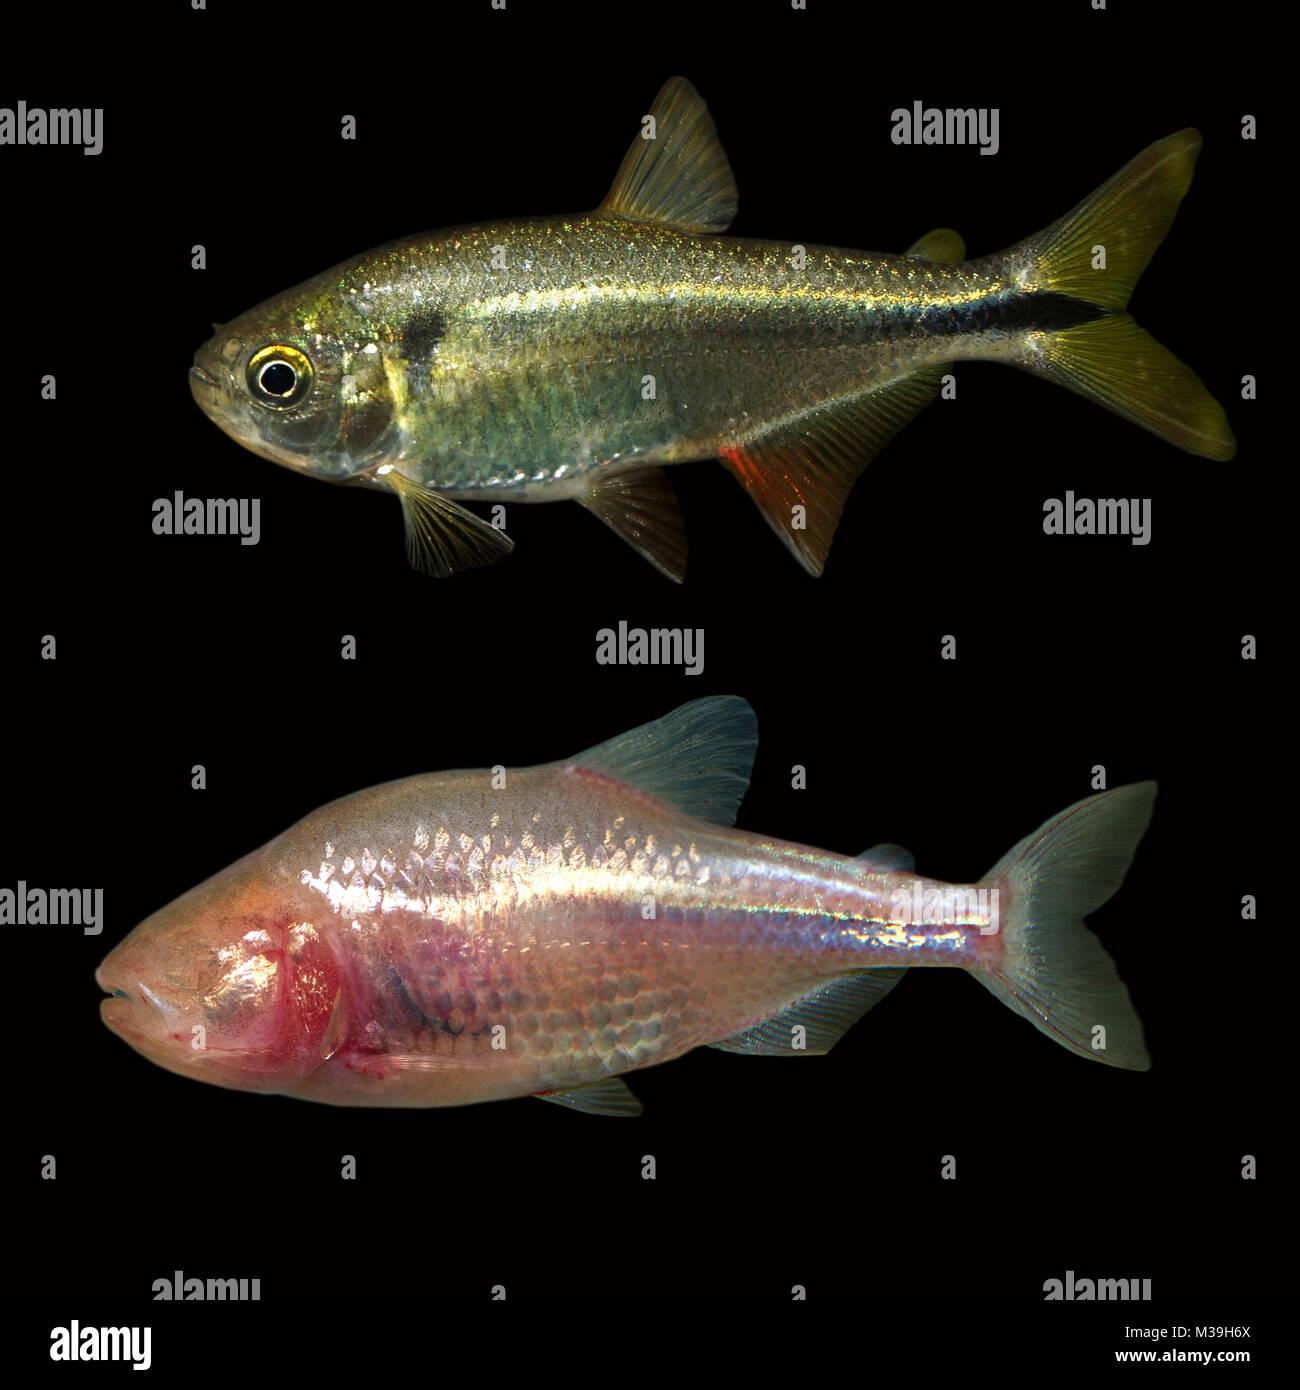 Mexikanische Tetra oder blind Höhle fisch Astyanax mexicanus. Zwei Form dieser Fische. Die Oberfläche Stockbild